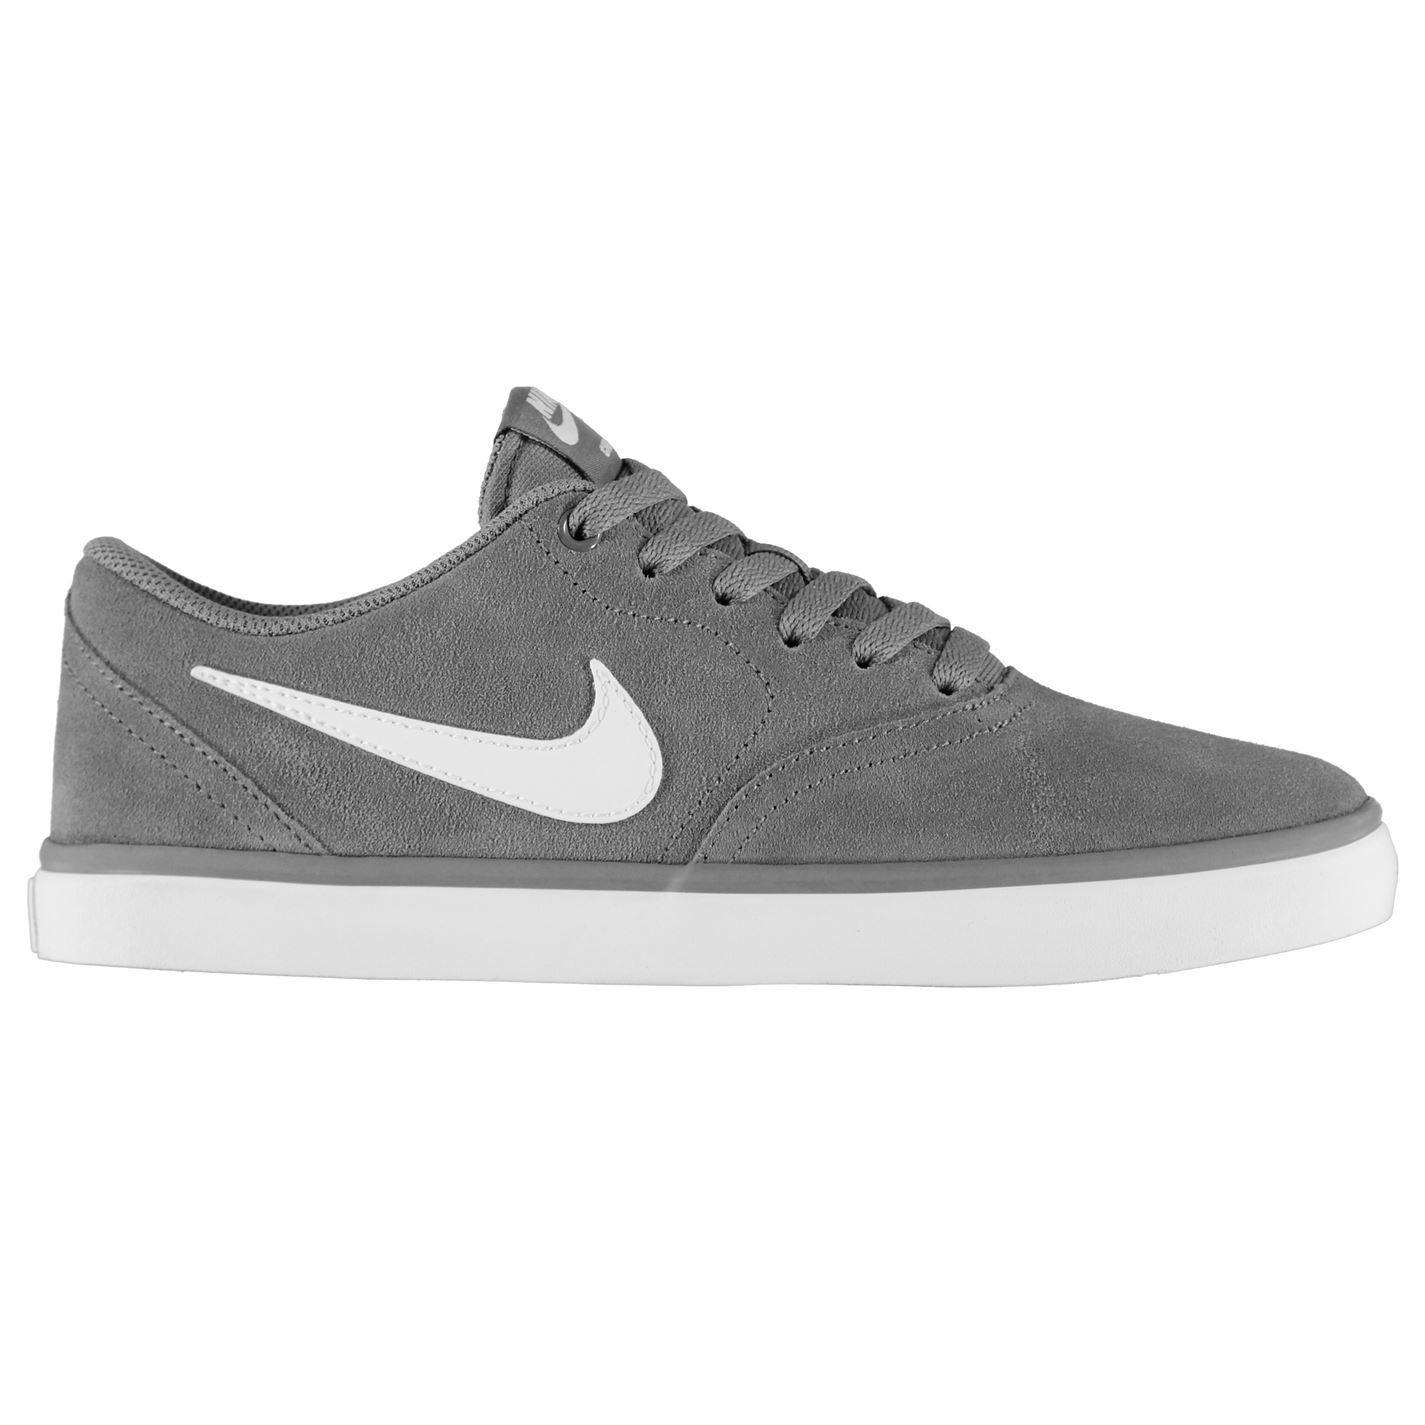 Nike Hombre SB De Cuadros Solar Zapatos Hombre Skate Zapatos Solar Zapatillas Calzado c25c0e